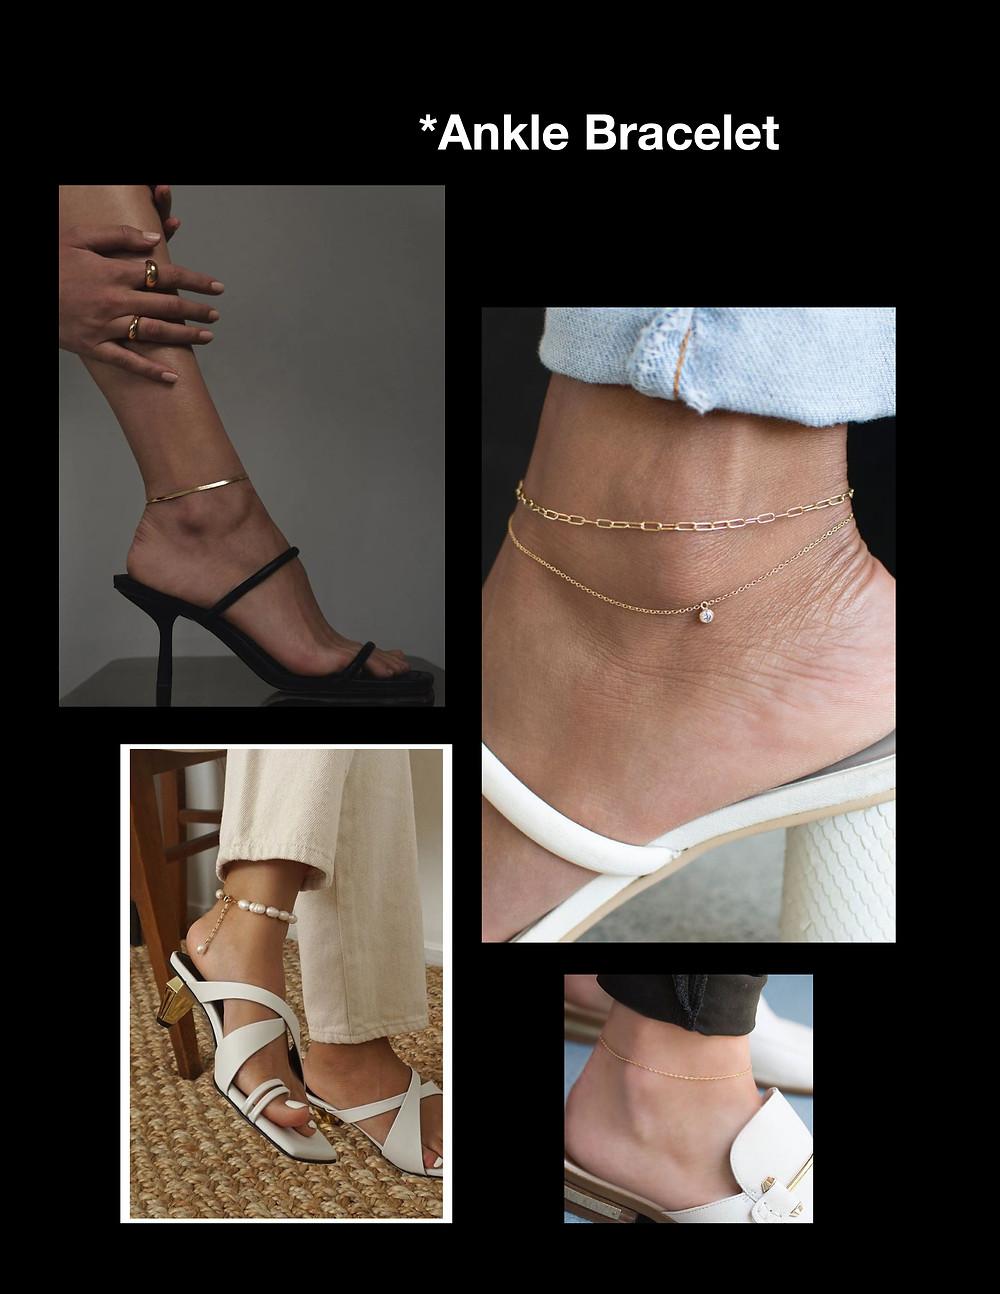 Ankle bracelet, Anklet